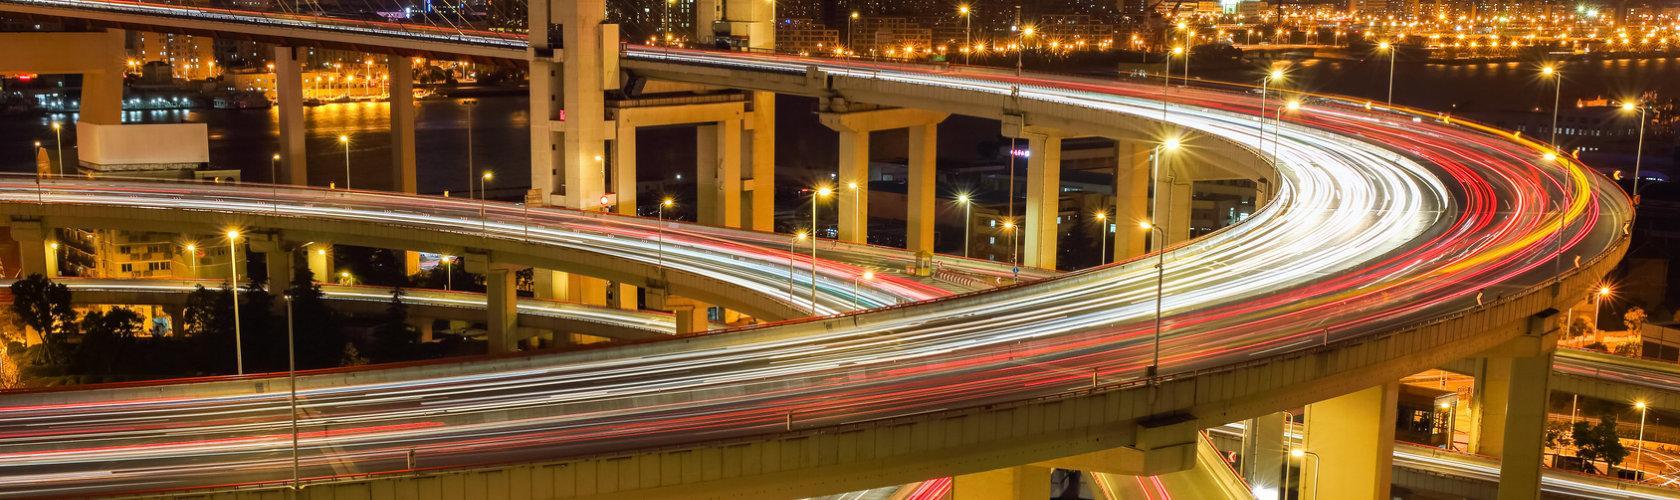 Autobahn als Symbol für schnelles Internet